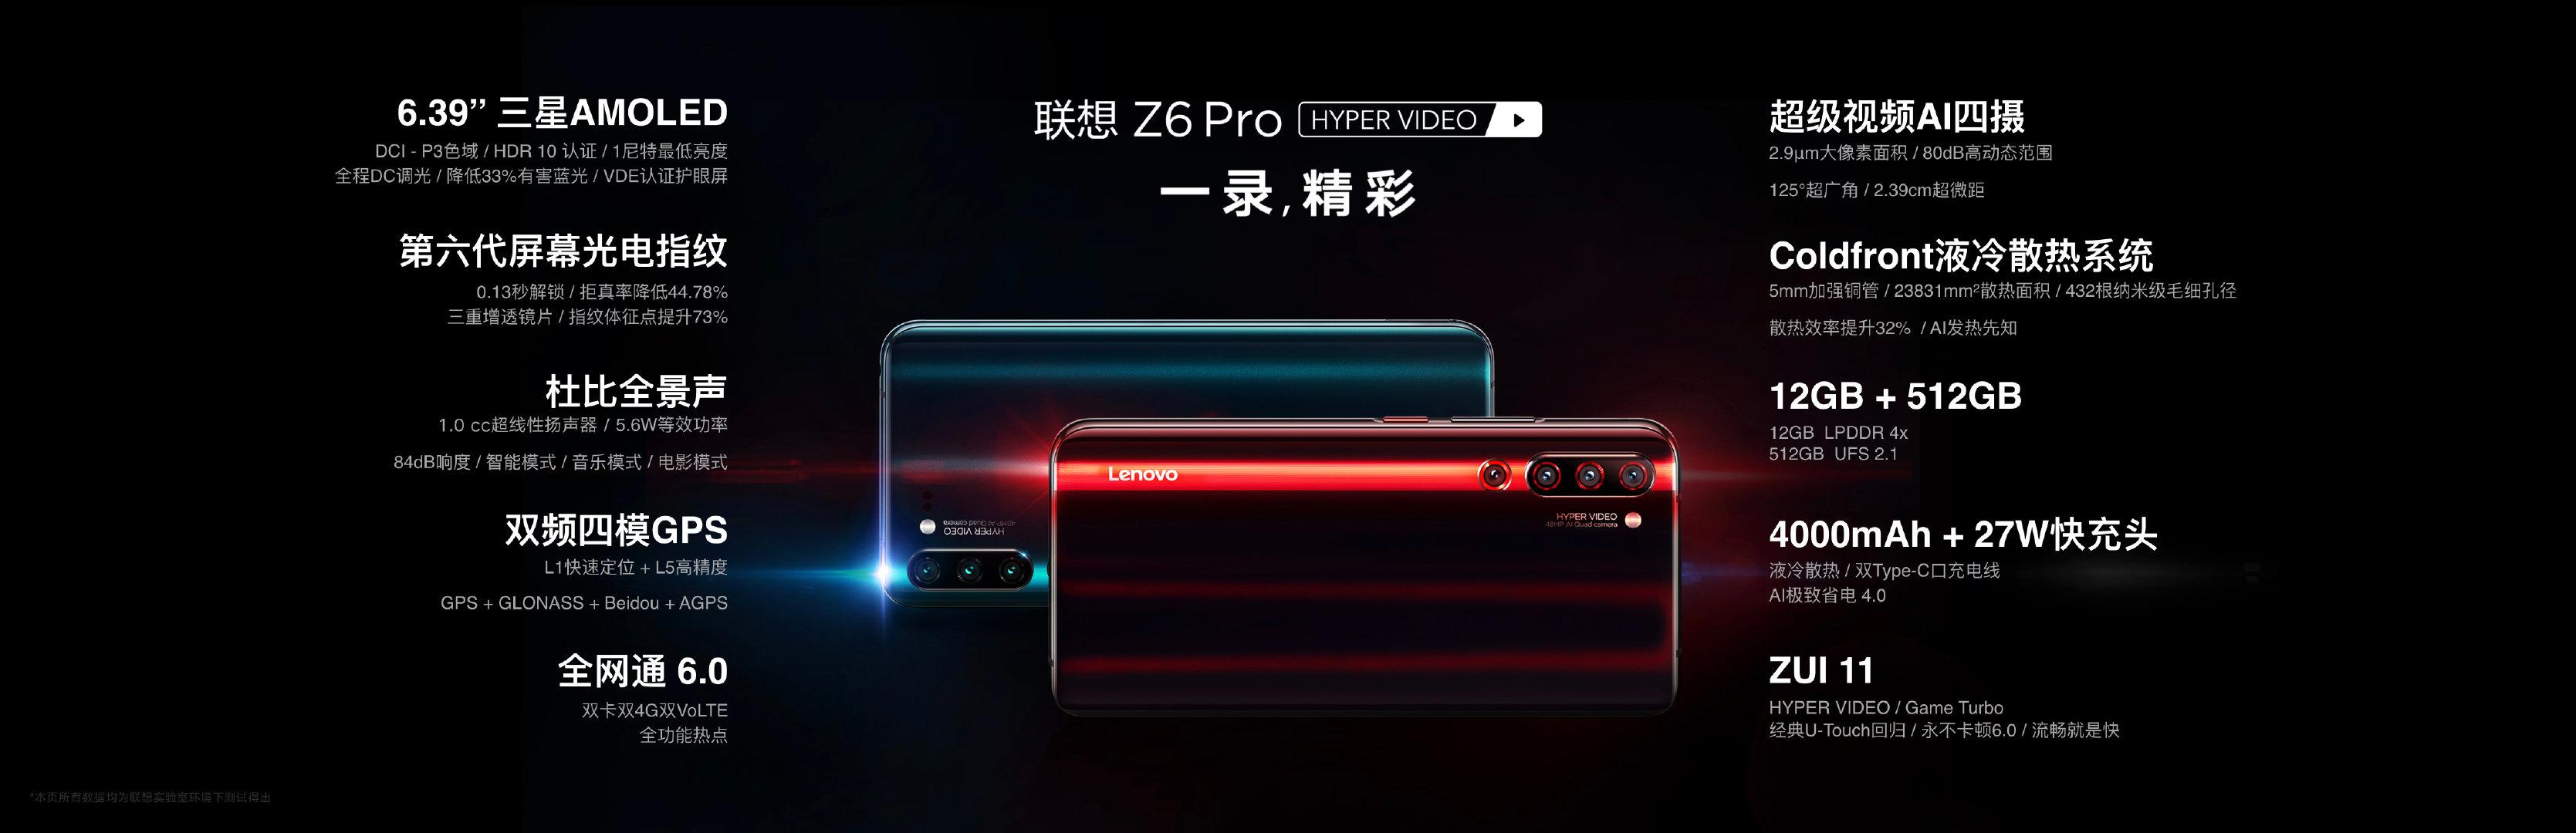 联想Z6 Pro正式发布 骁龙855加持带来超级视频AI四摄的照片 - 5